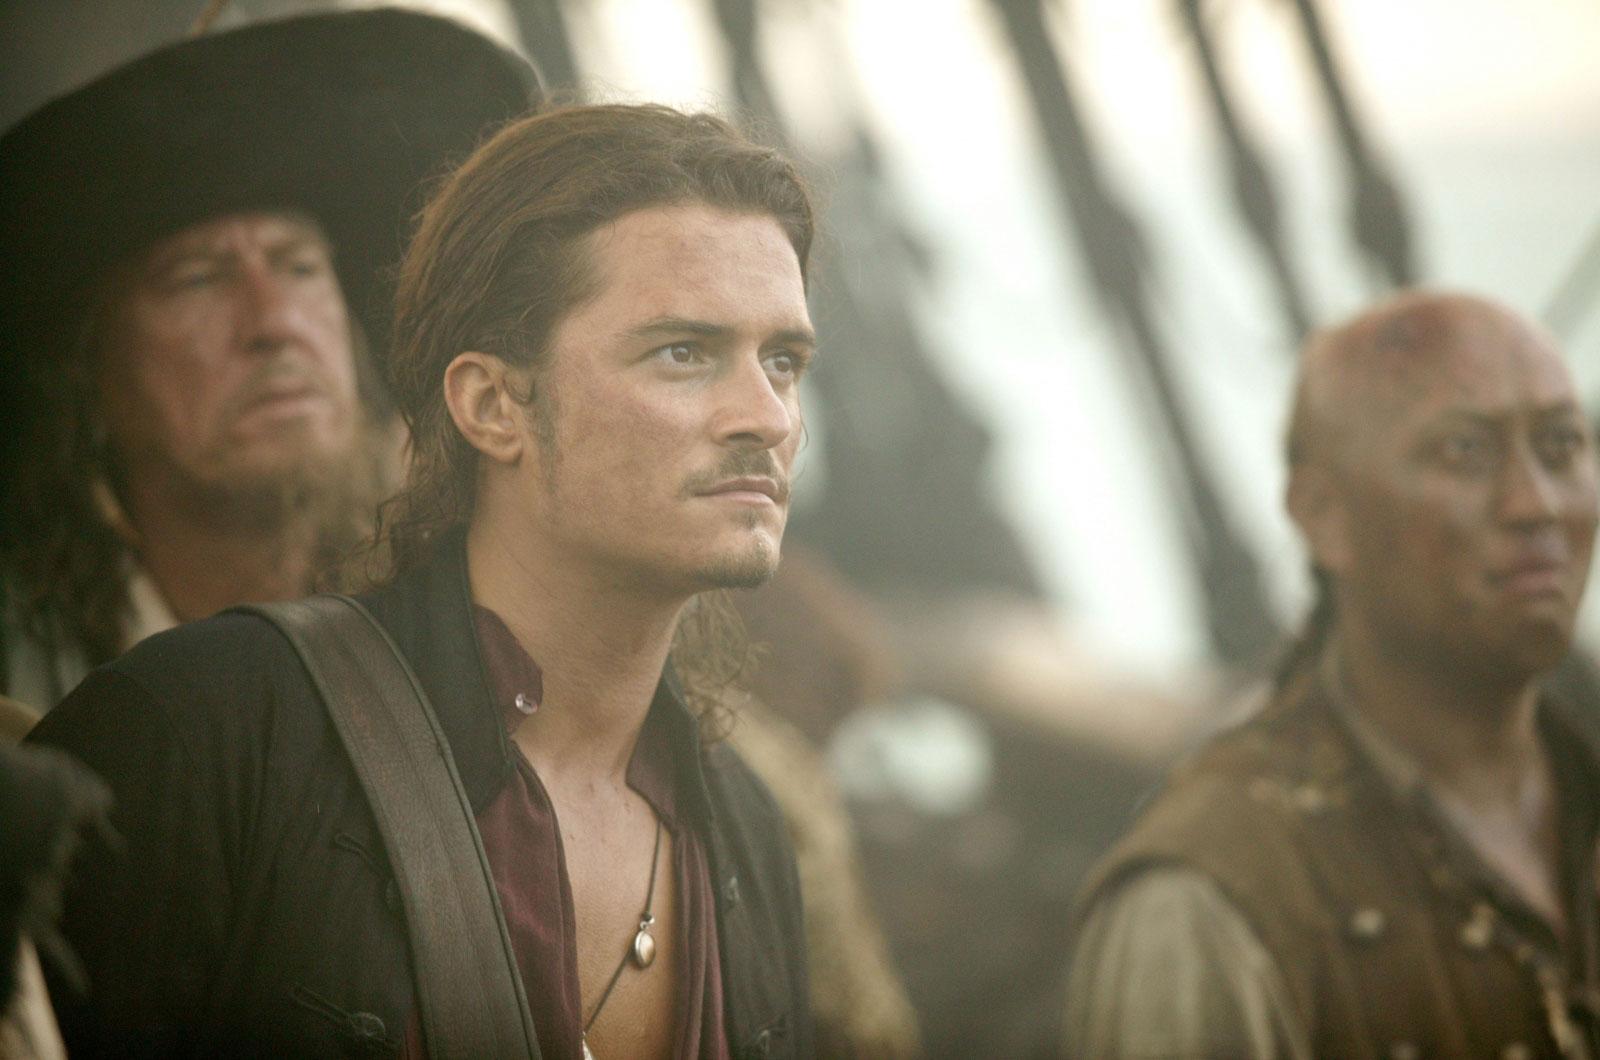 кадры из фильма Пираты Карибского моря: На краю света Джеффри Раш, Орландо Блум,